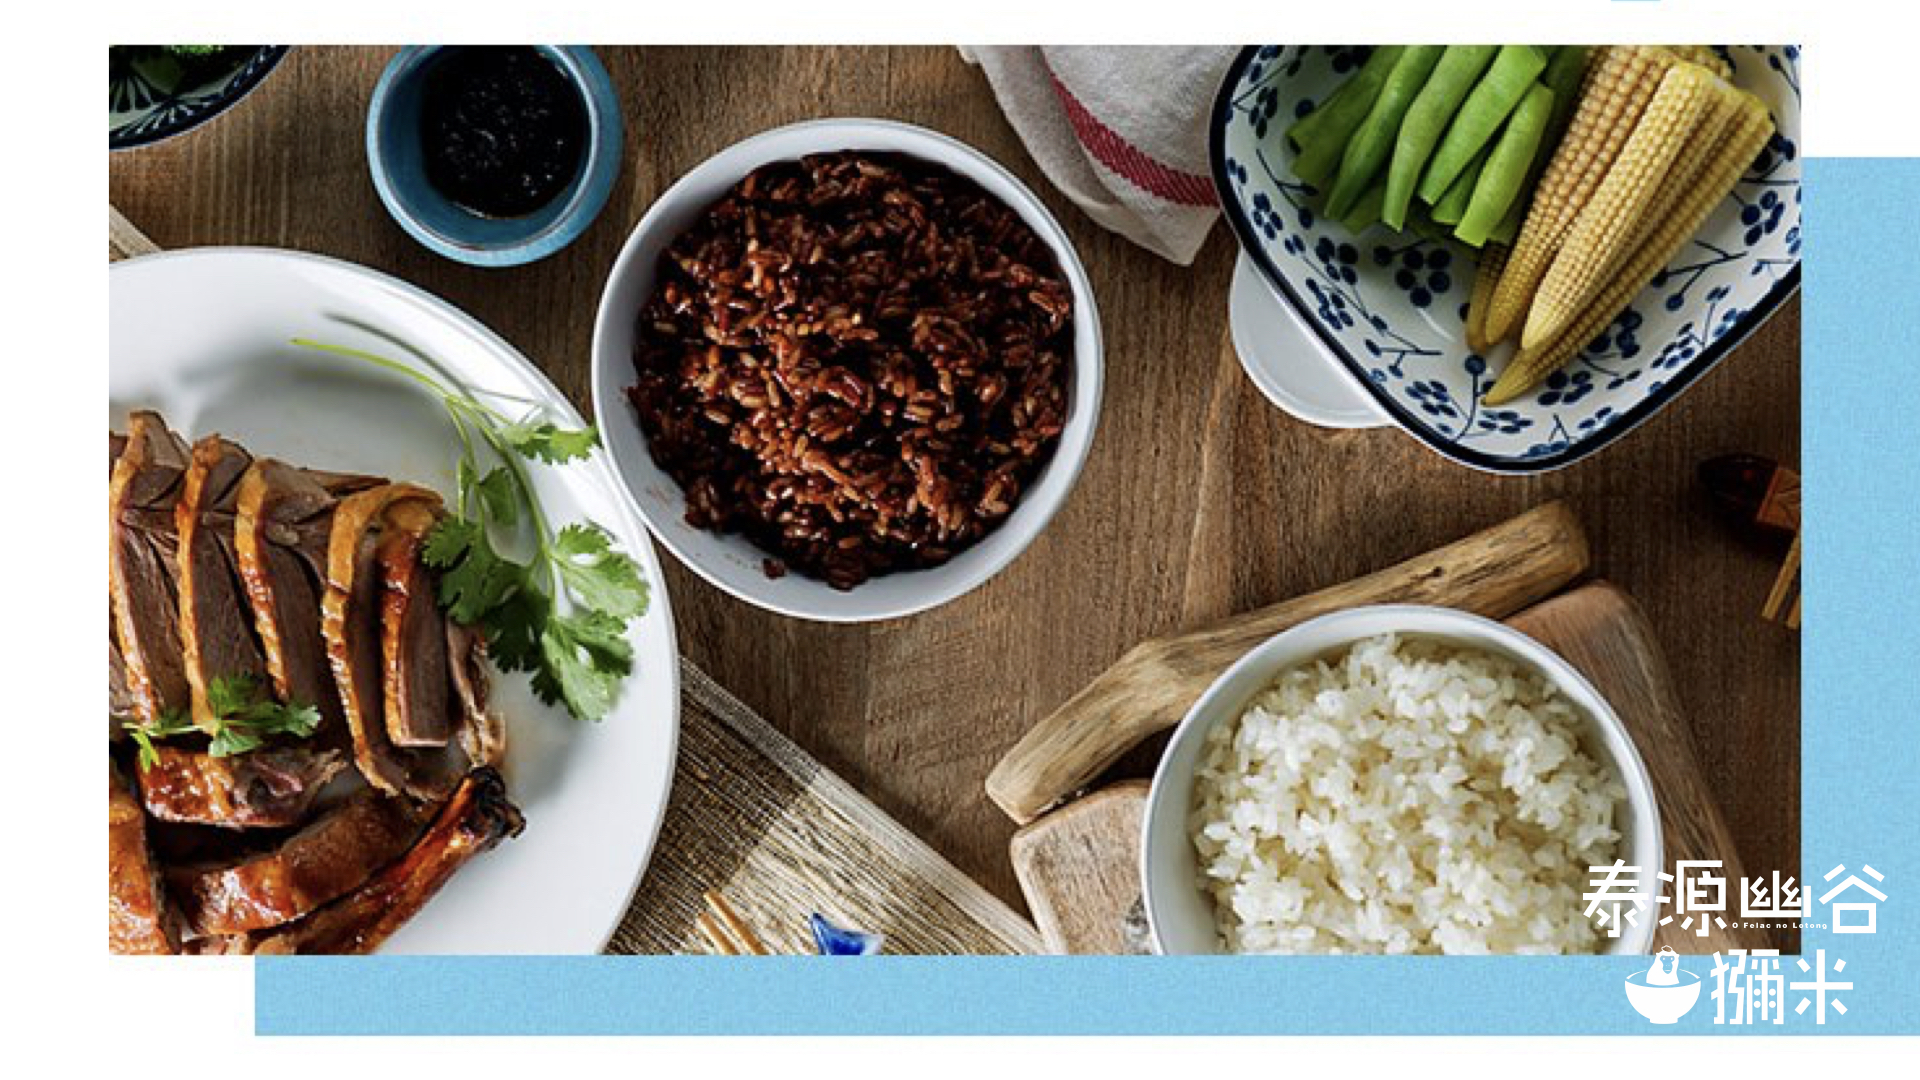 獼米LOGO與一桌美味的菜,包含使用獼米的米所做成的米飯